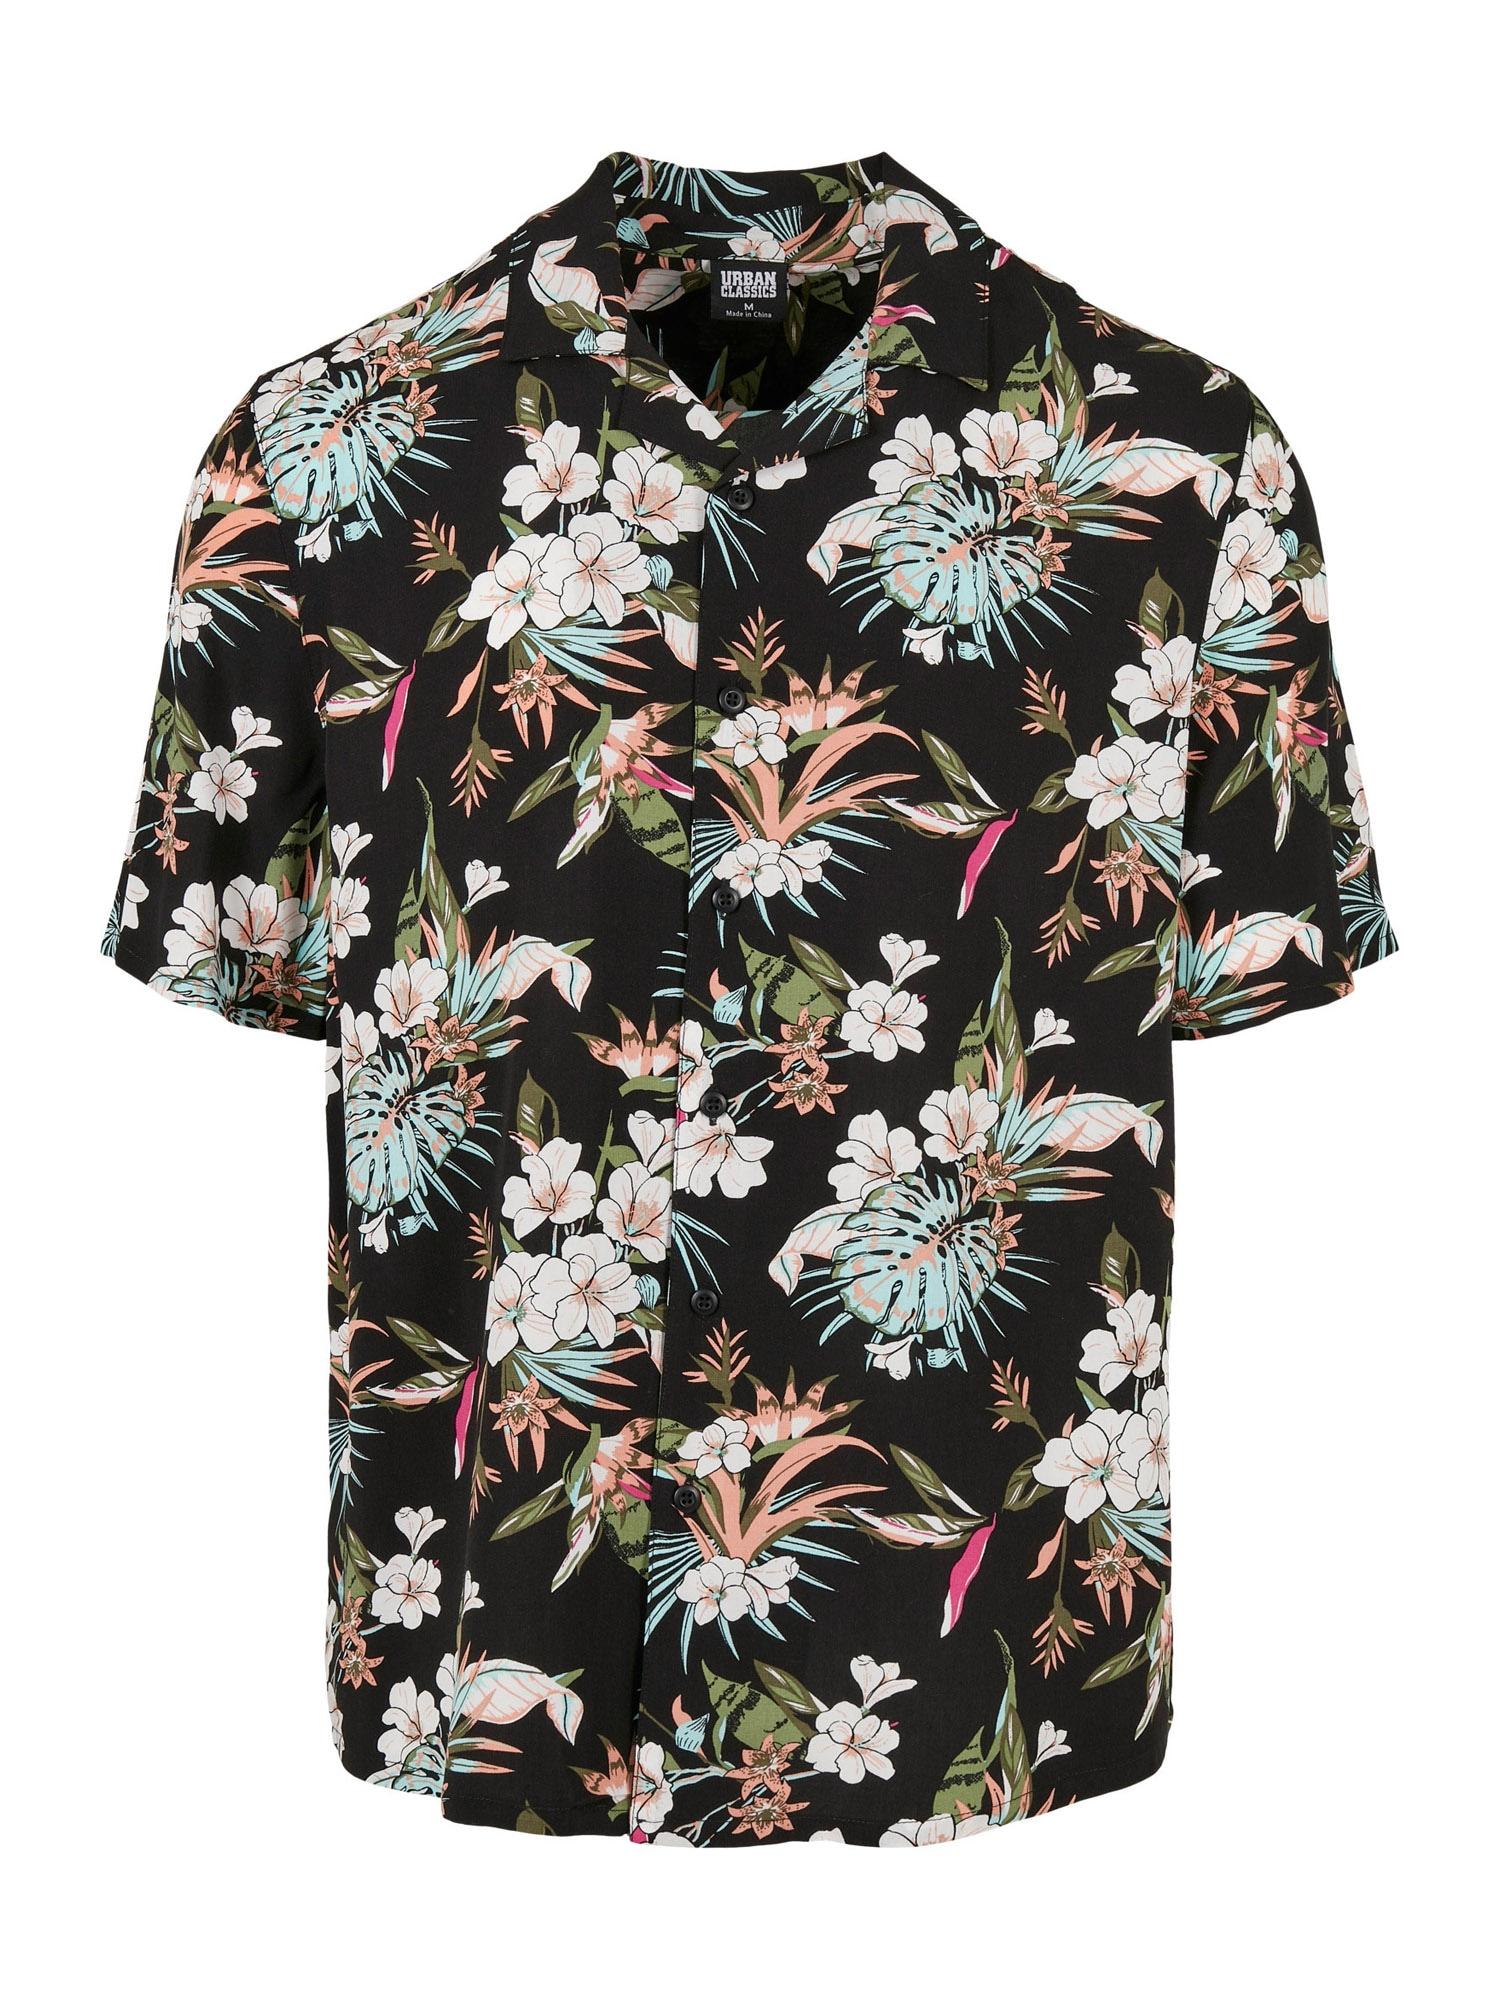 Urban Classics Big & Tall Marškiniai juoda / balta / rožinė / abrikosų spalva / žalia